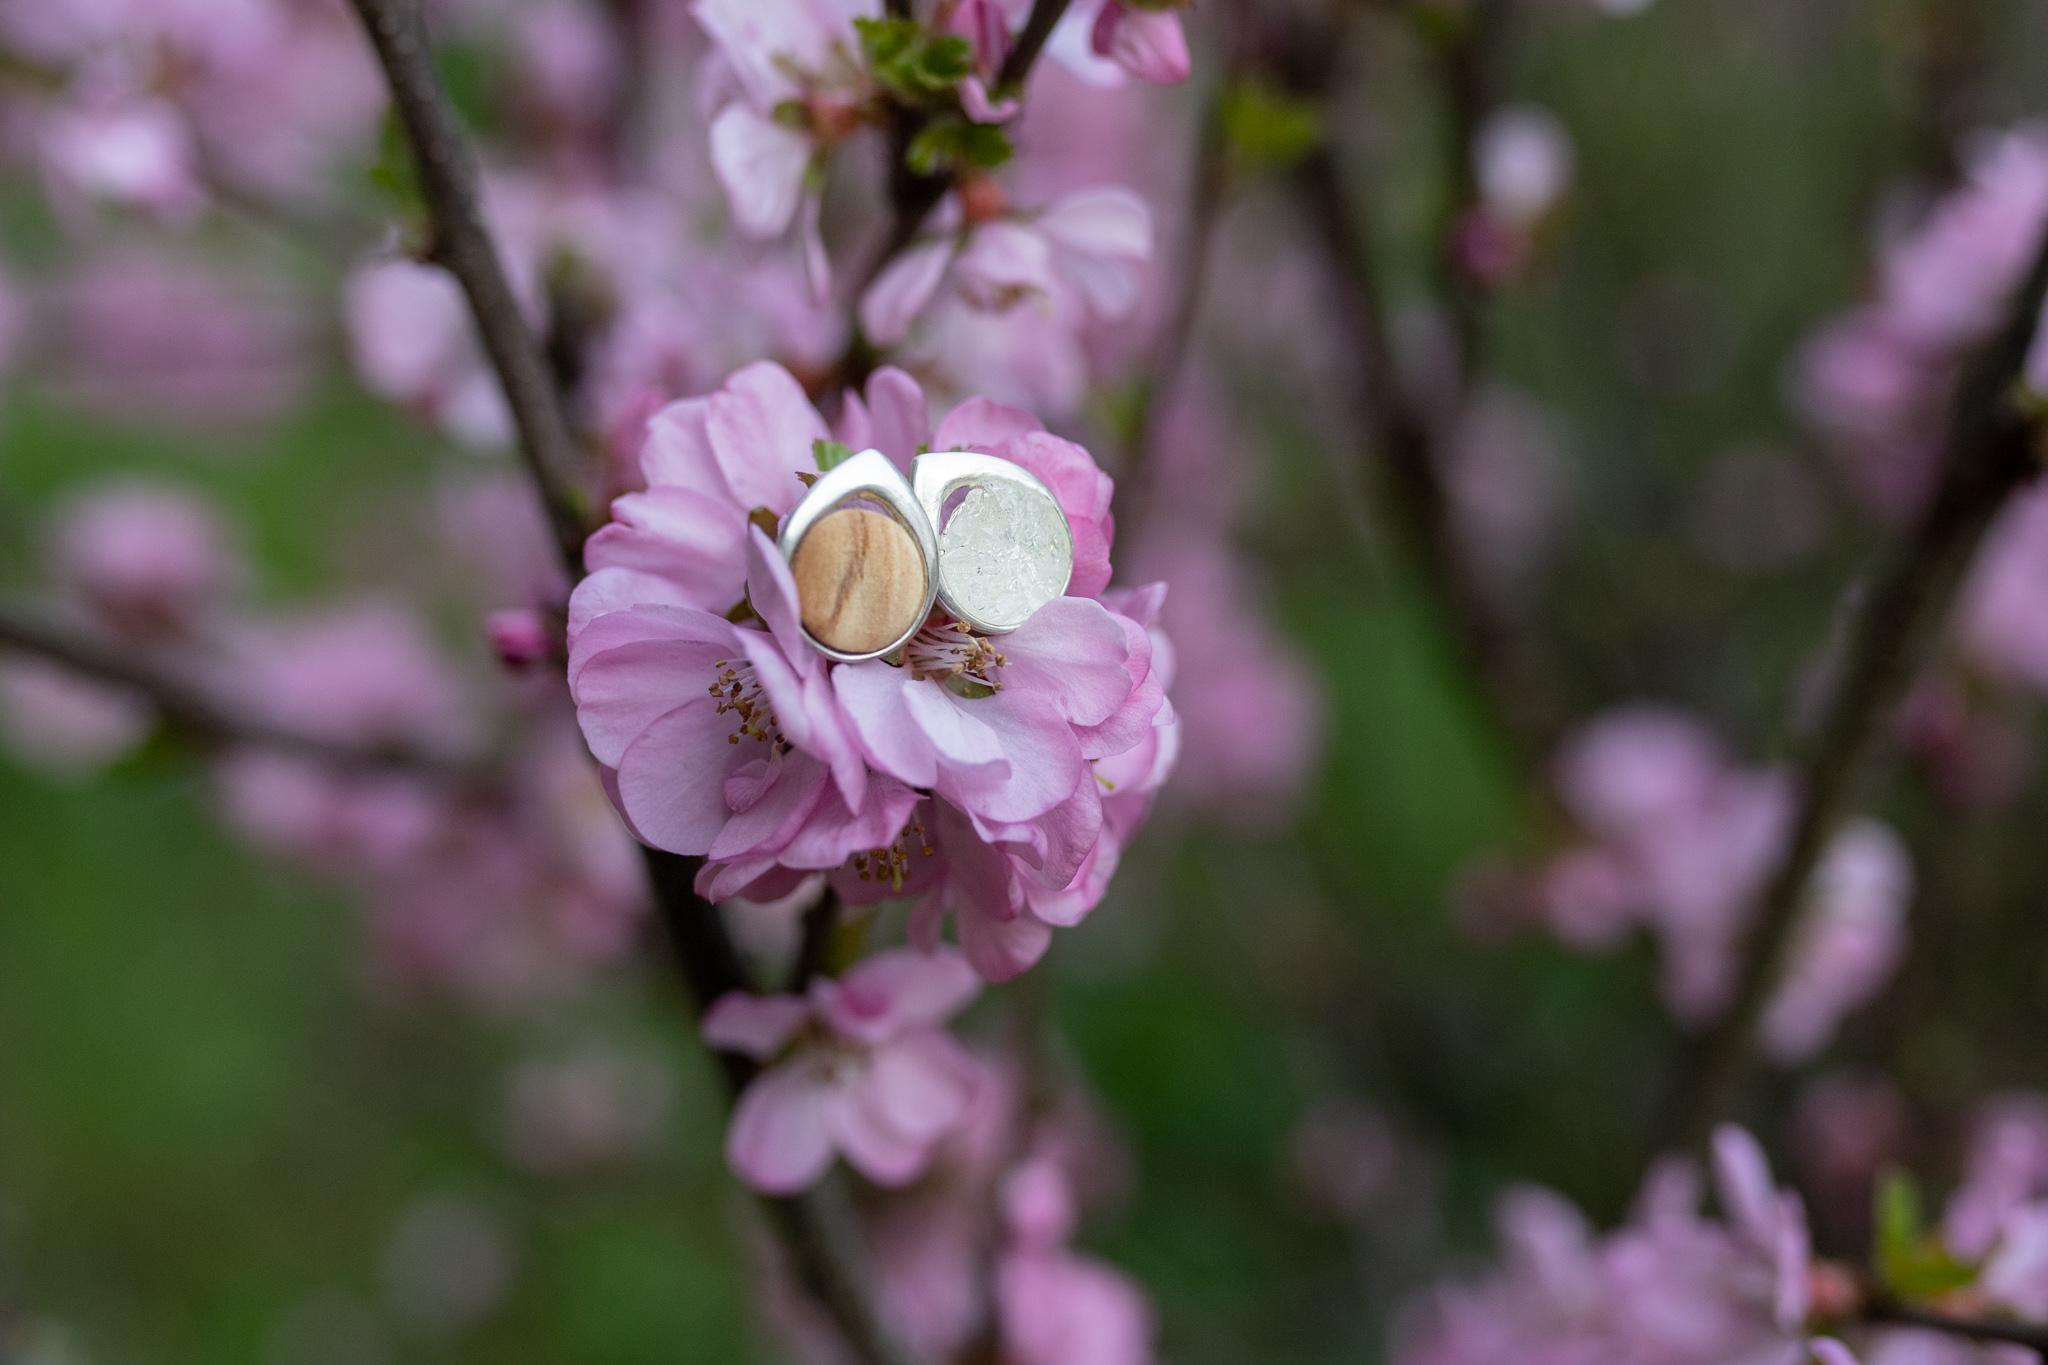 Stříbrné náušnice kapka lásky se švestkovým dřevem a křišťálem